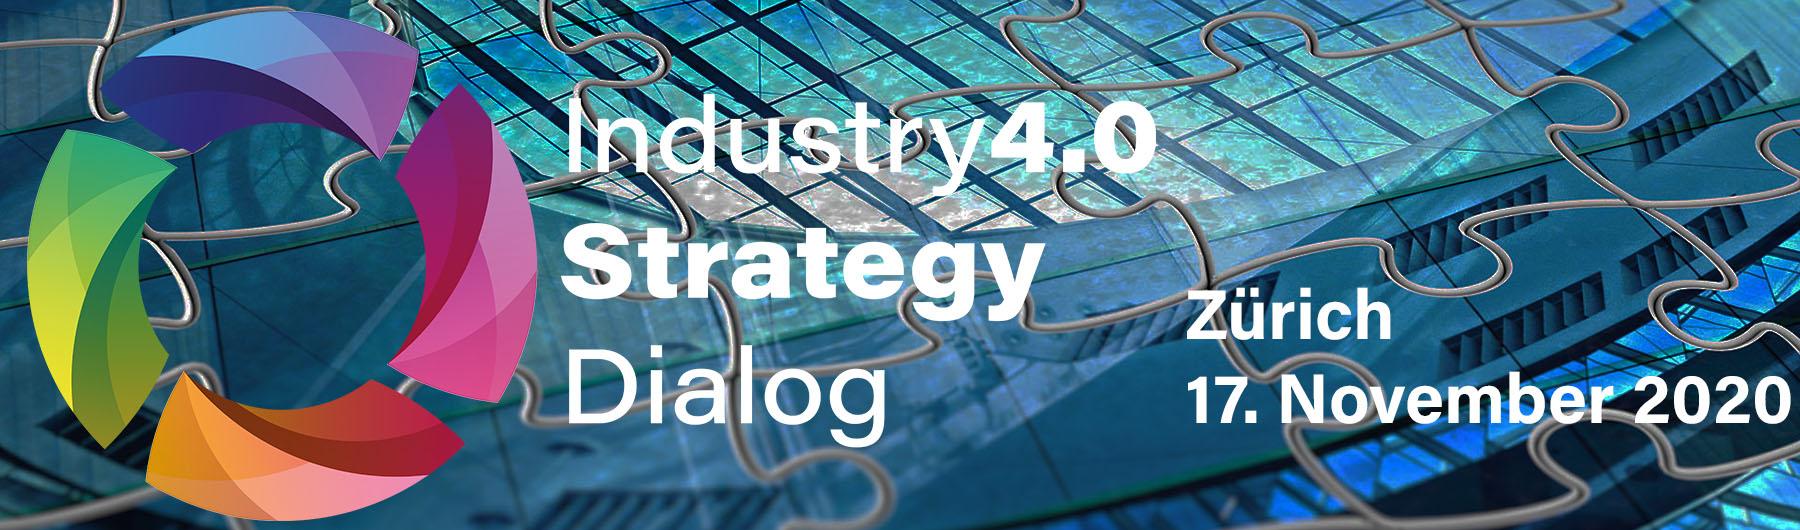 Swiss Leaders Dialog Industry 4.0